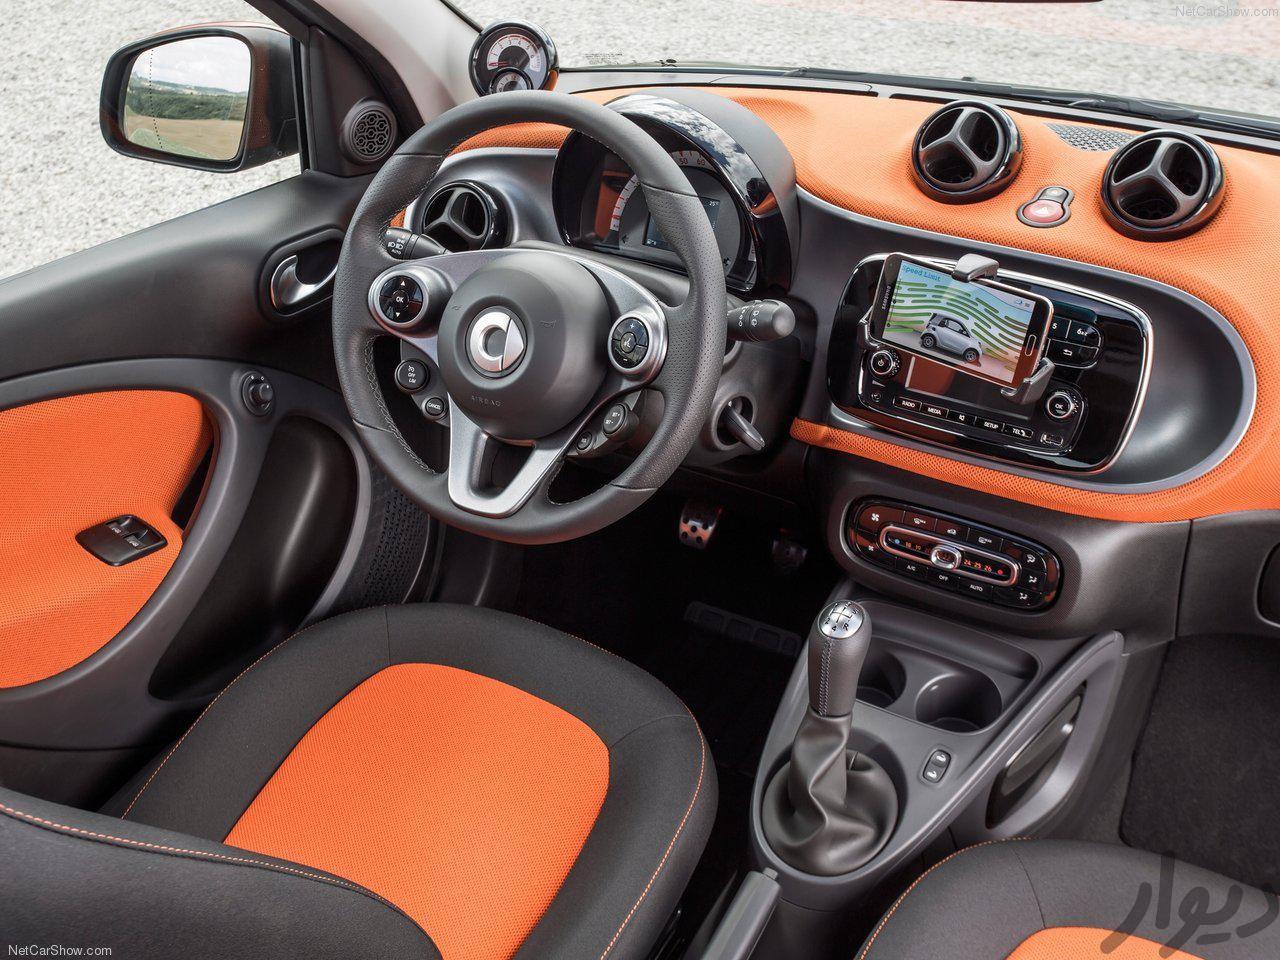 بررسی مشخصات فنی، نقد کارشناسی و قیمت روز خودرو اسمارت فور 4 - عکس شماره چهار